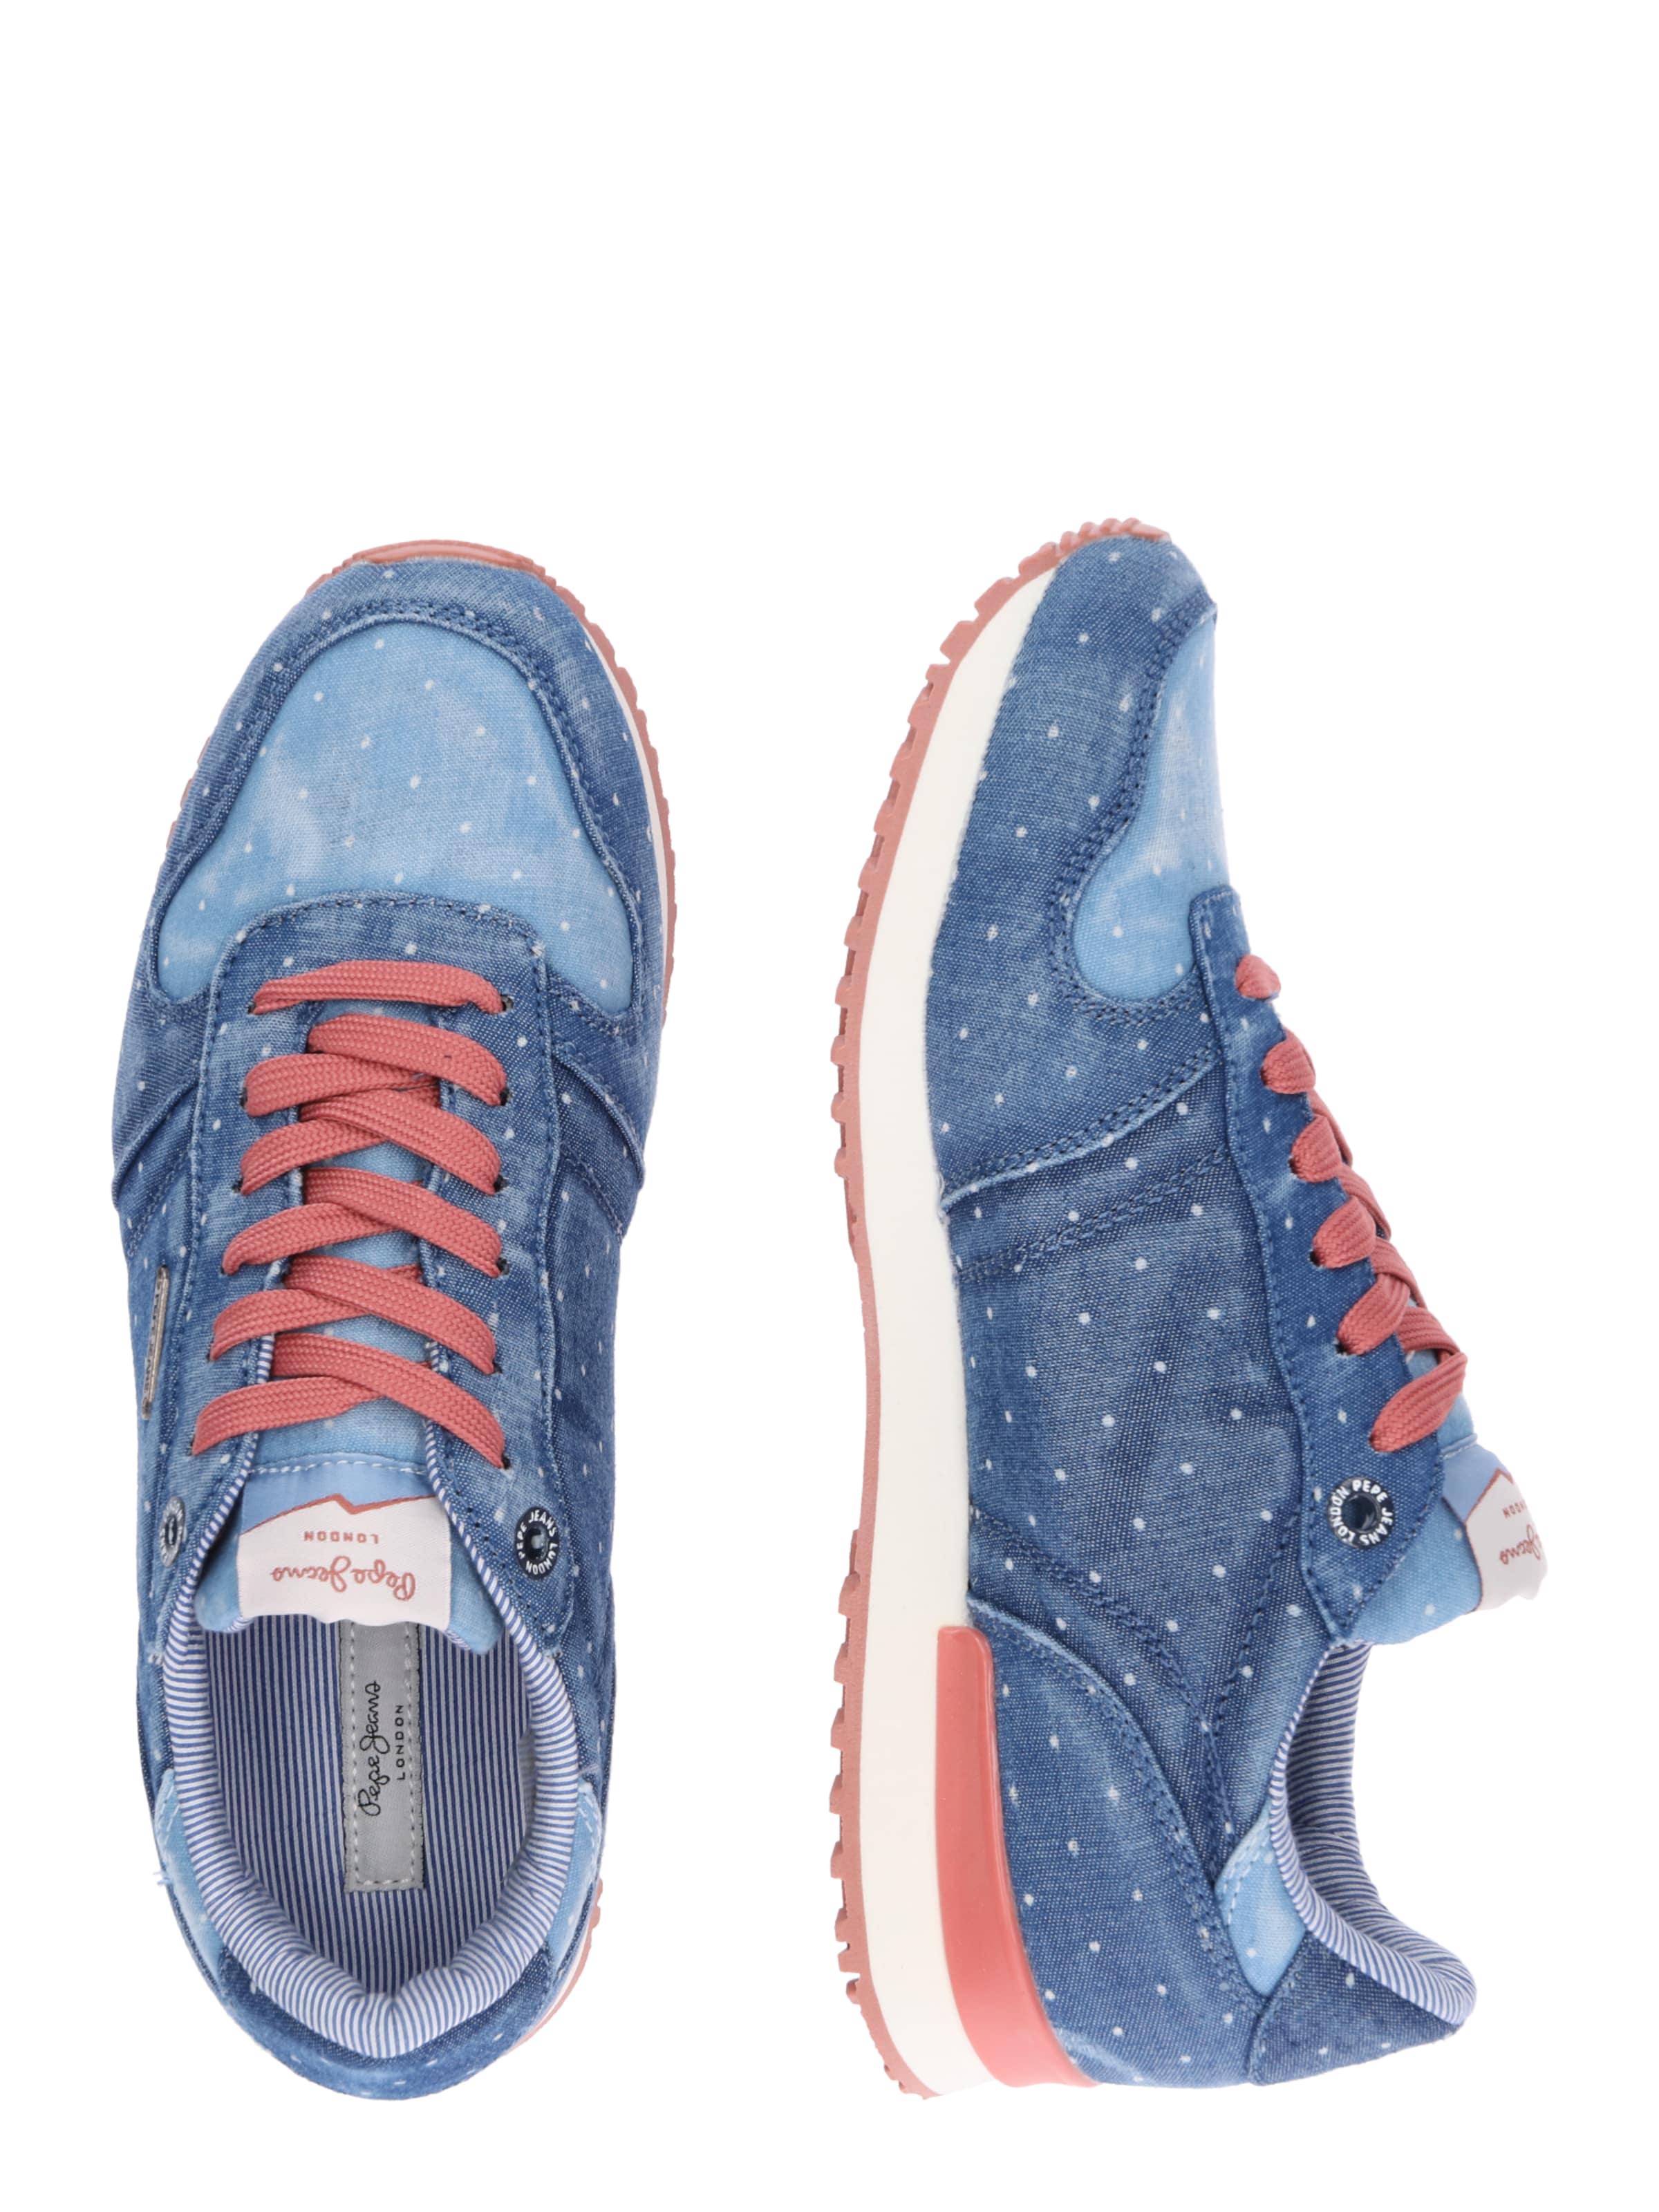 Basses Jeans Pepe 'gable Baskets BleuRosé Dot' En Patch dBhCtosxQr